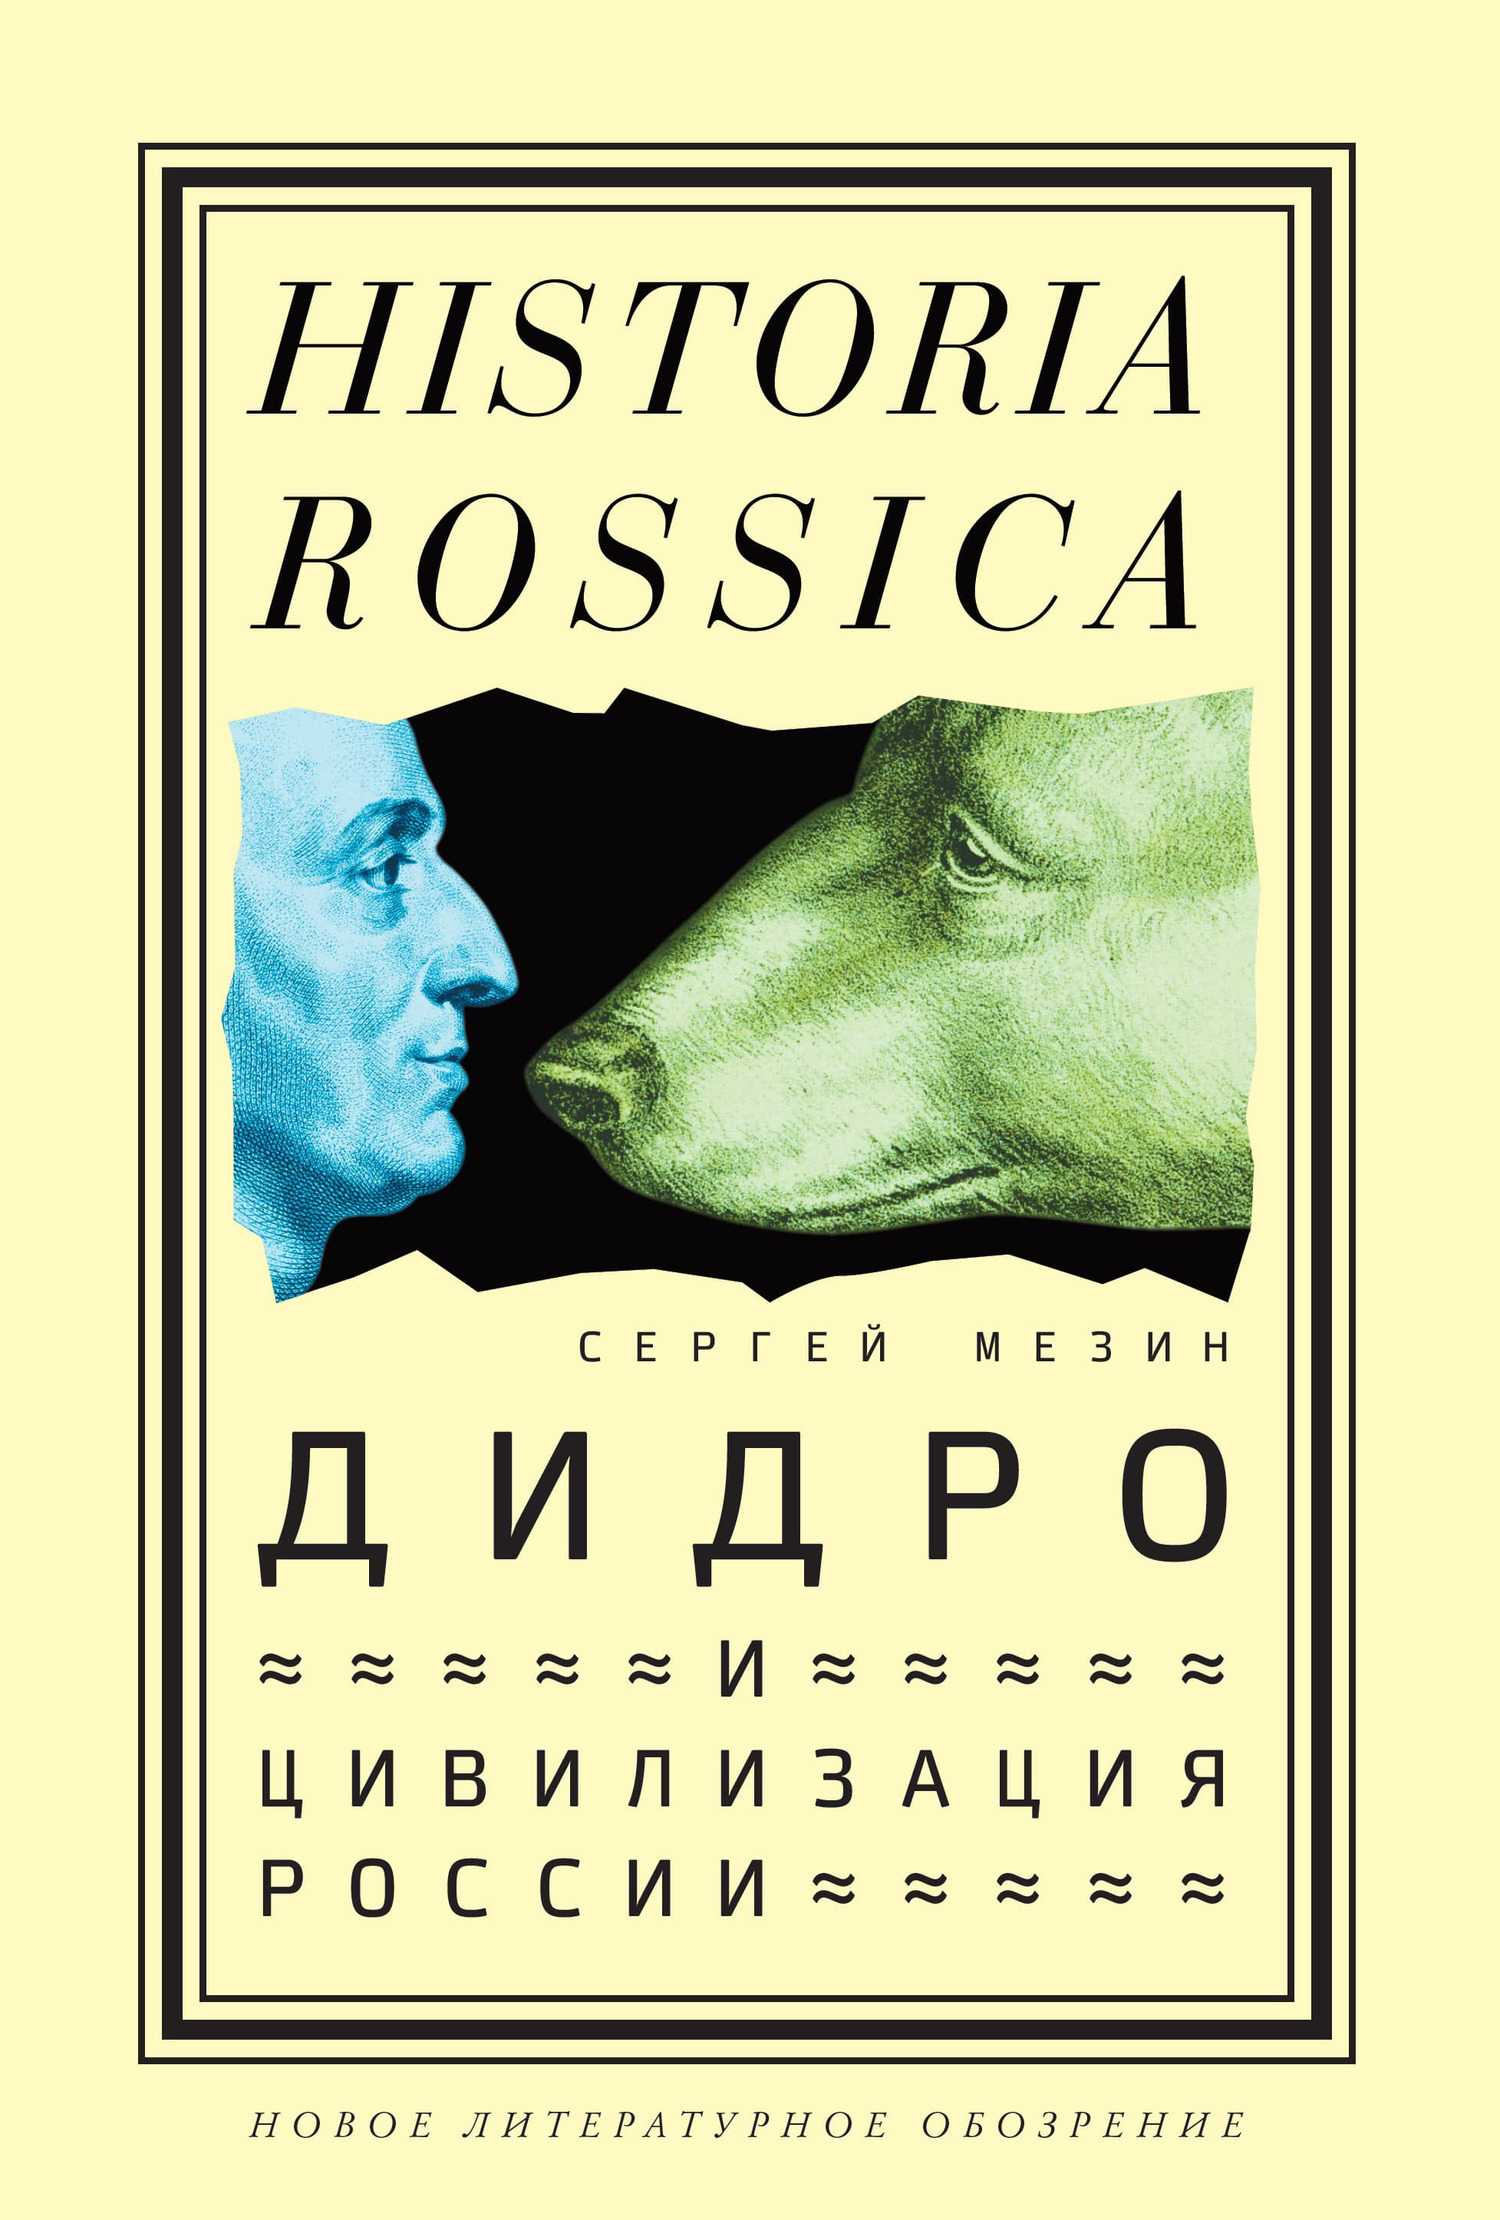 Сергей Мезин - Дидро и цивилизация России